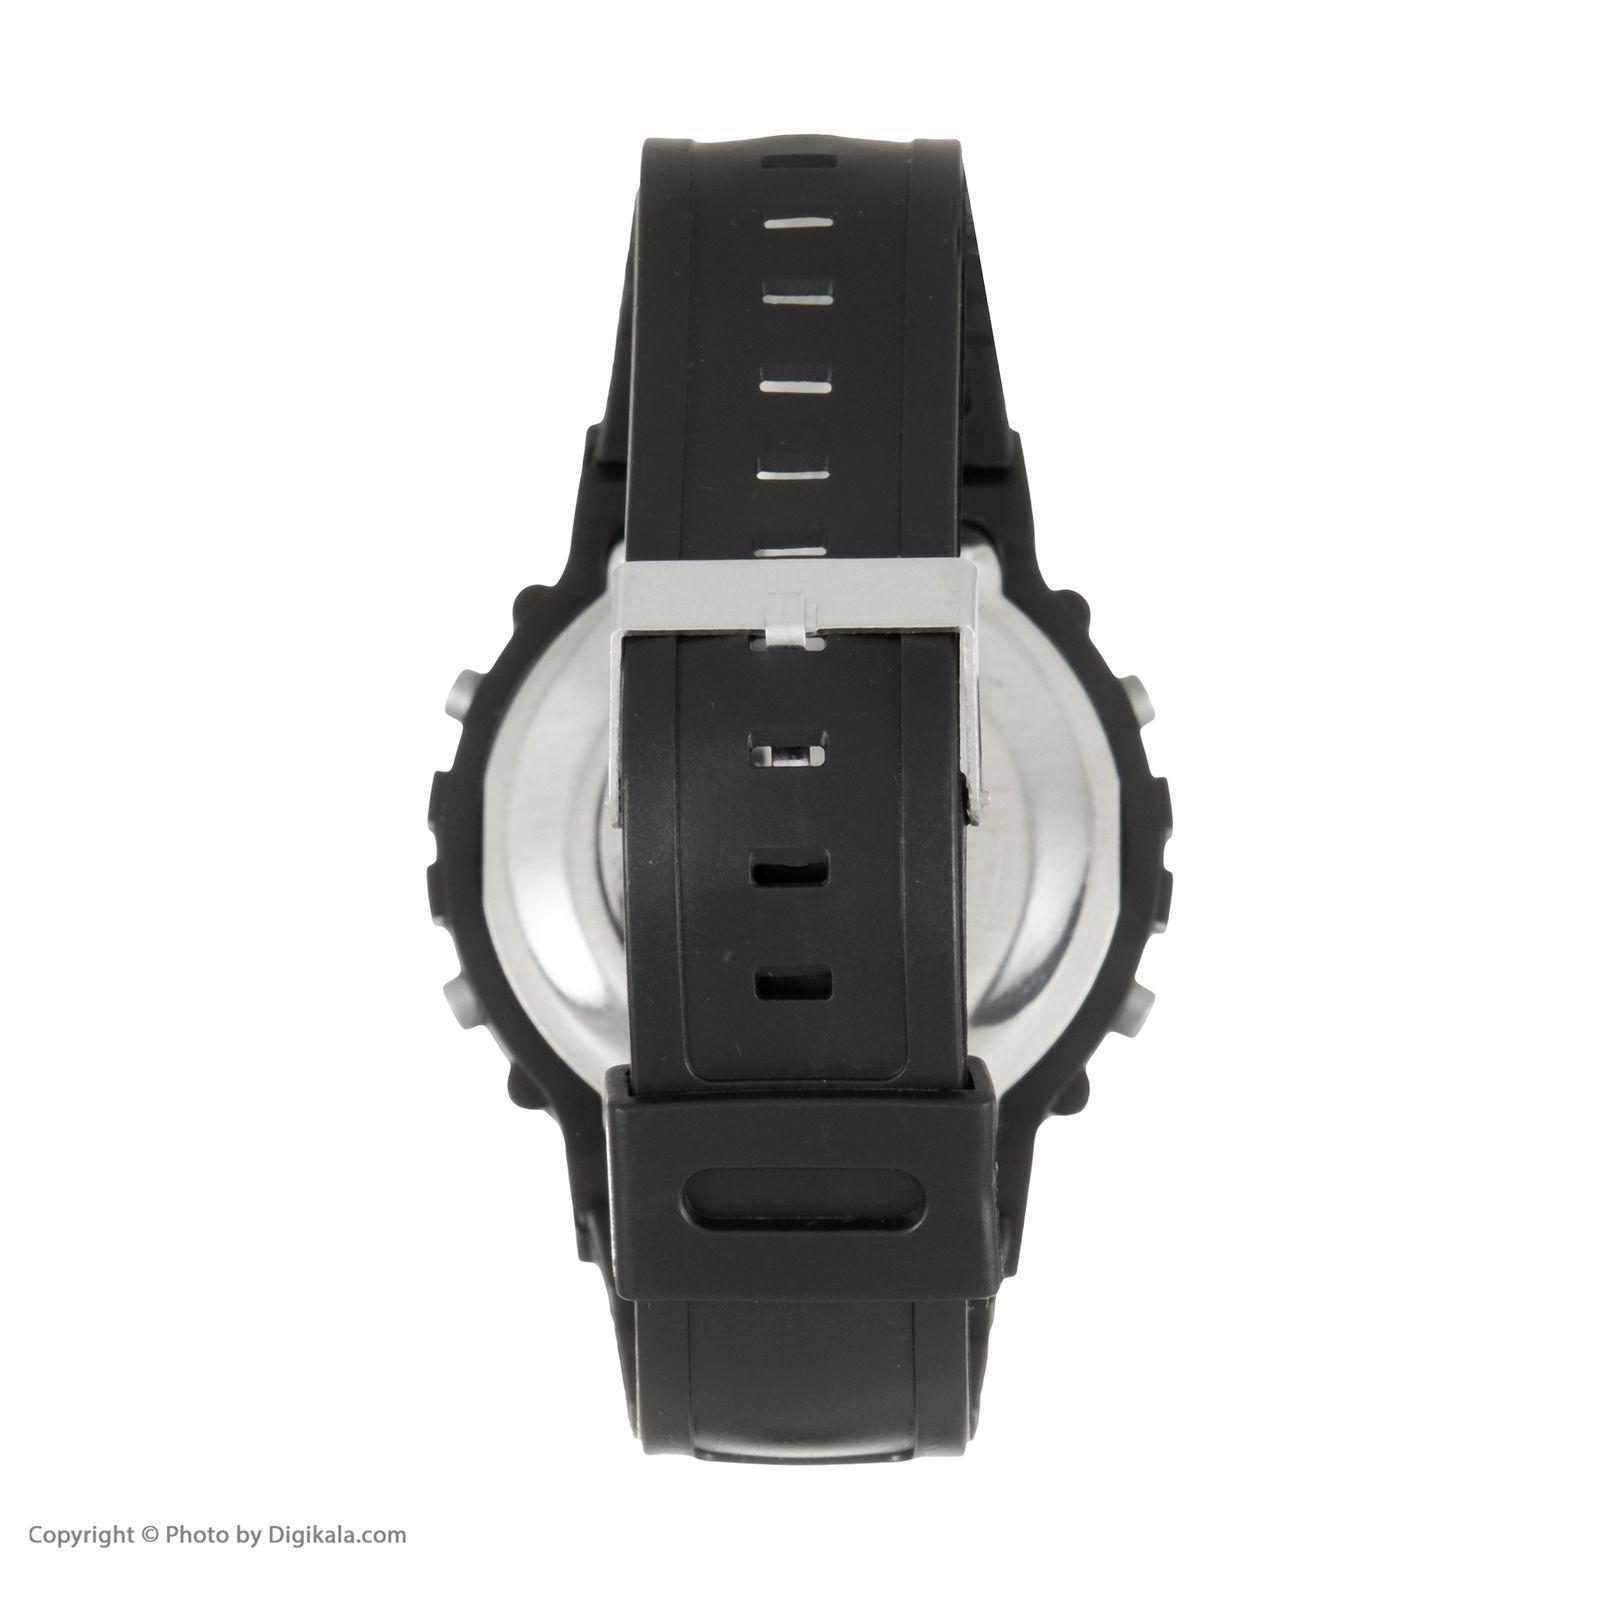 ساعت مچی دیجیتال مدل sport 8030e -  - 5